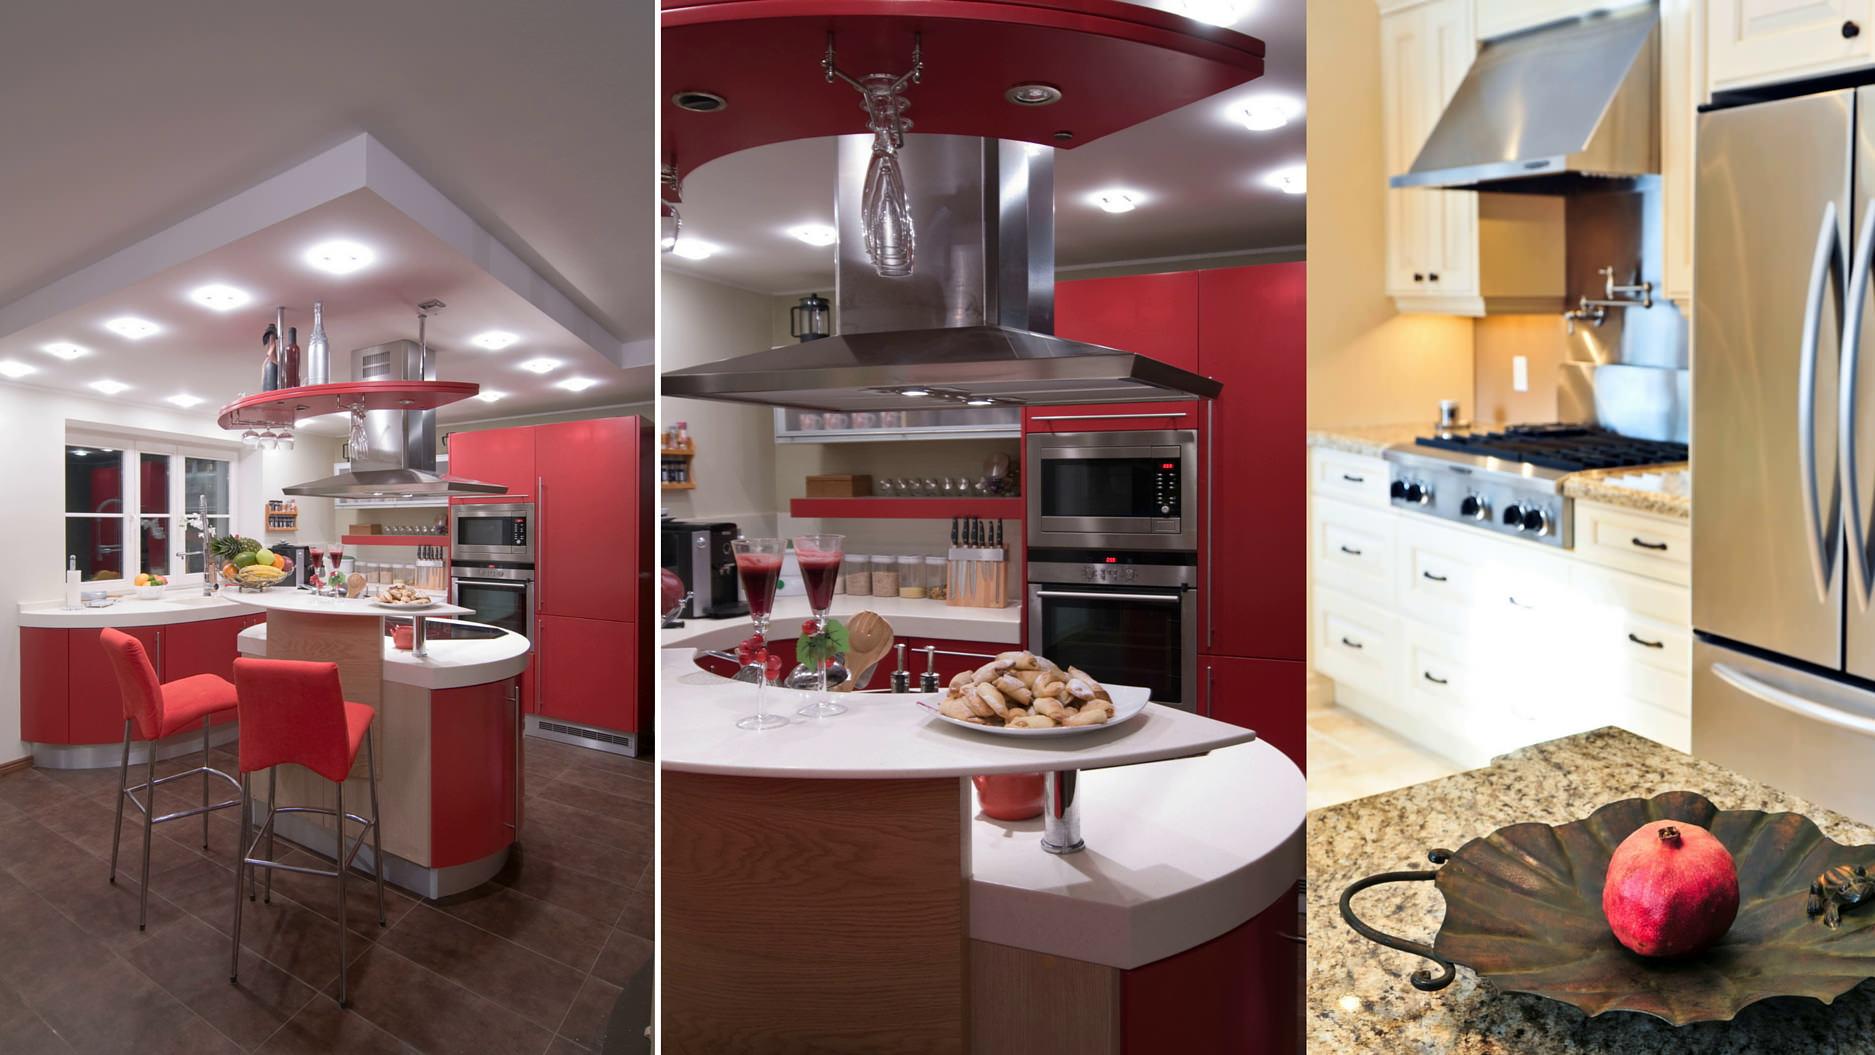 Kitchens by aussie divorce